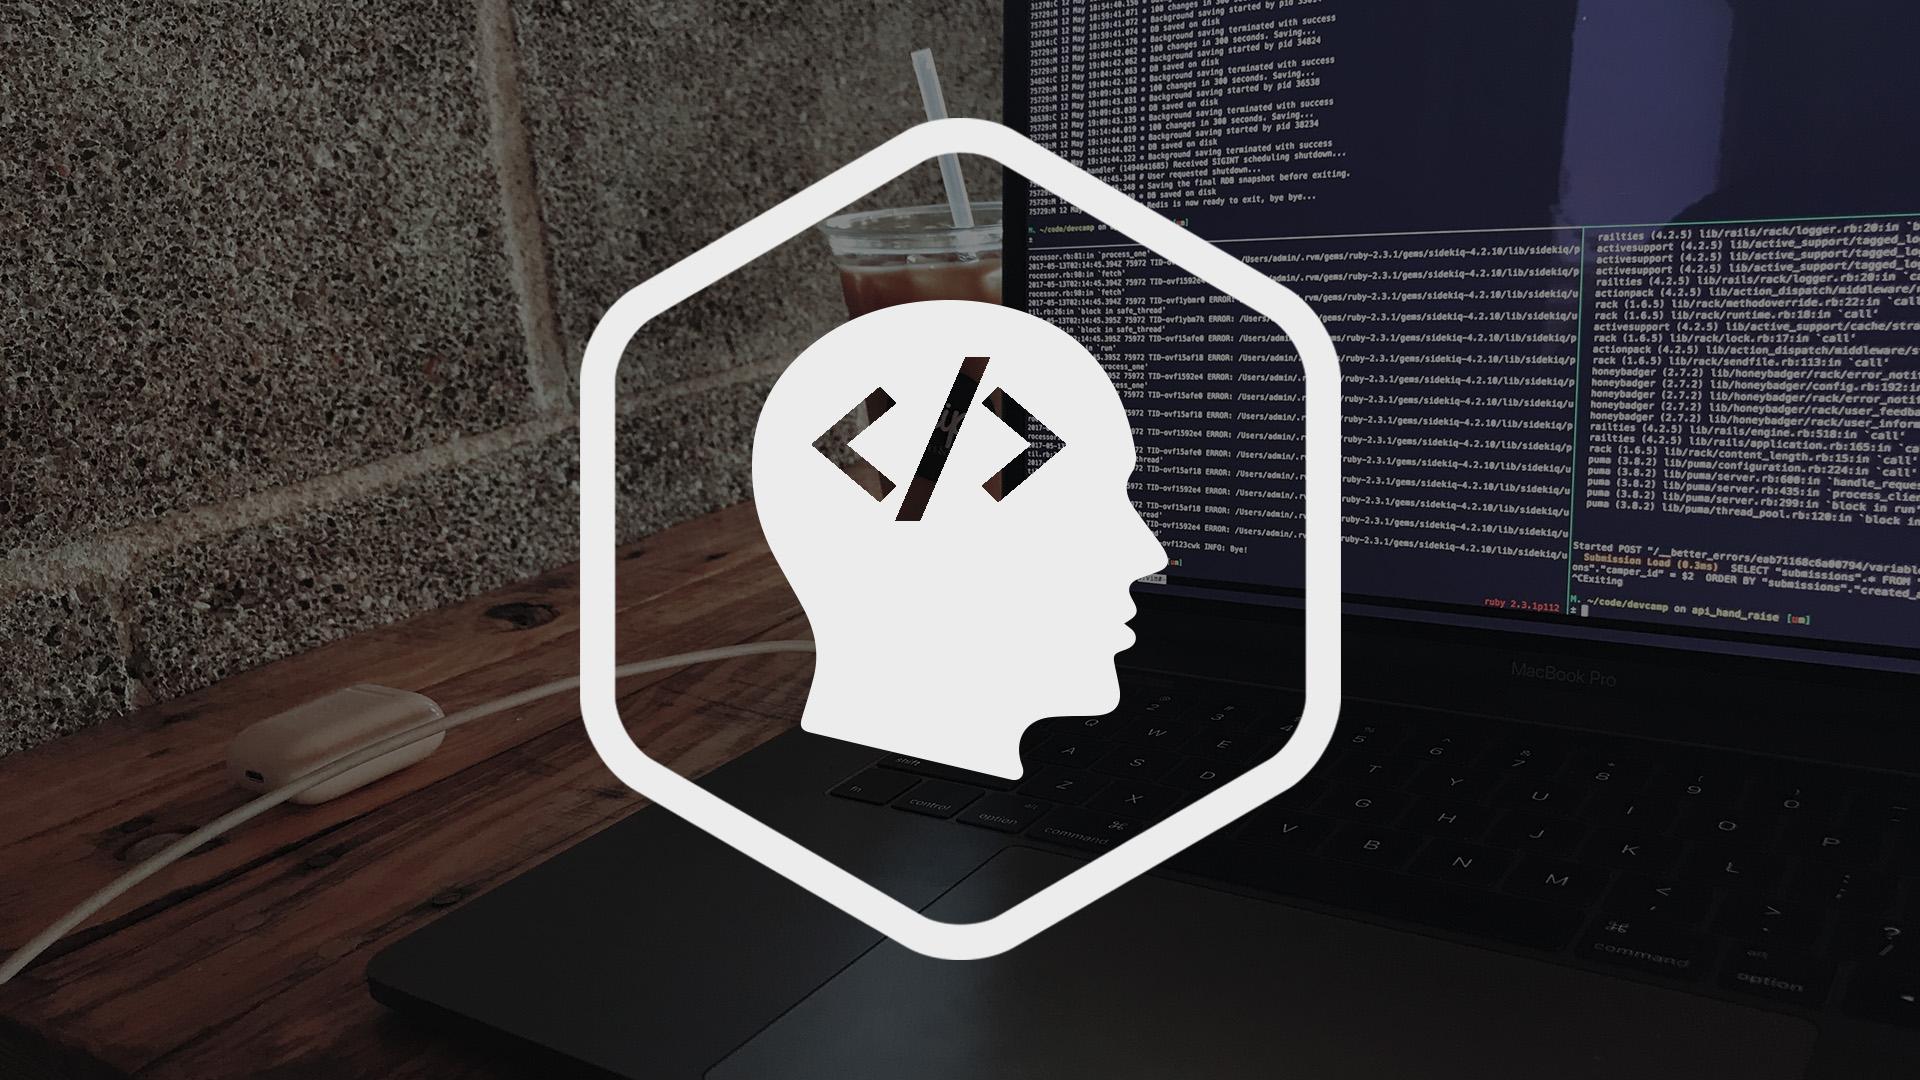 توسعه دهندگان خوب چگونه با کدهای بد کار می کنند؟